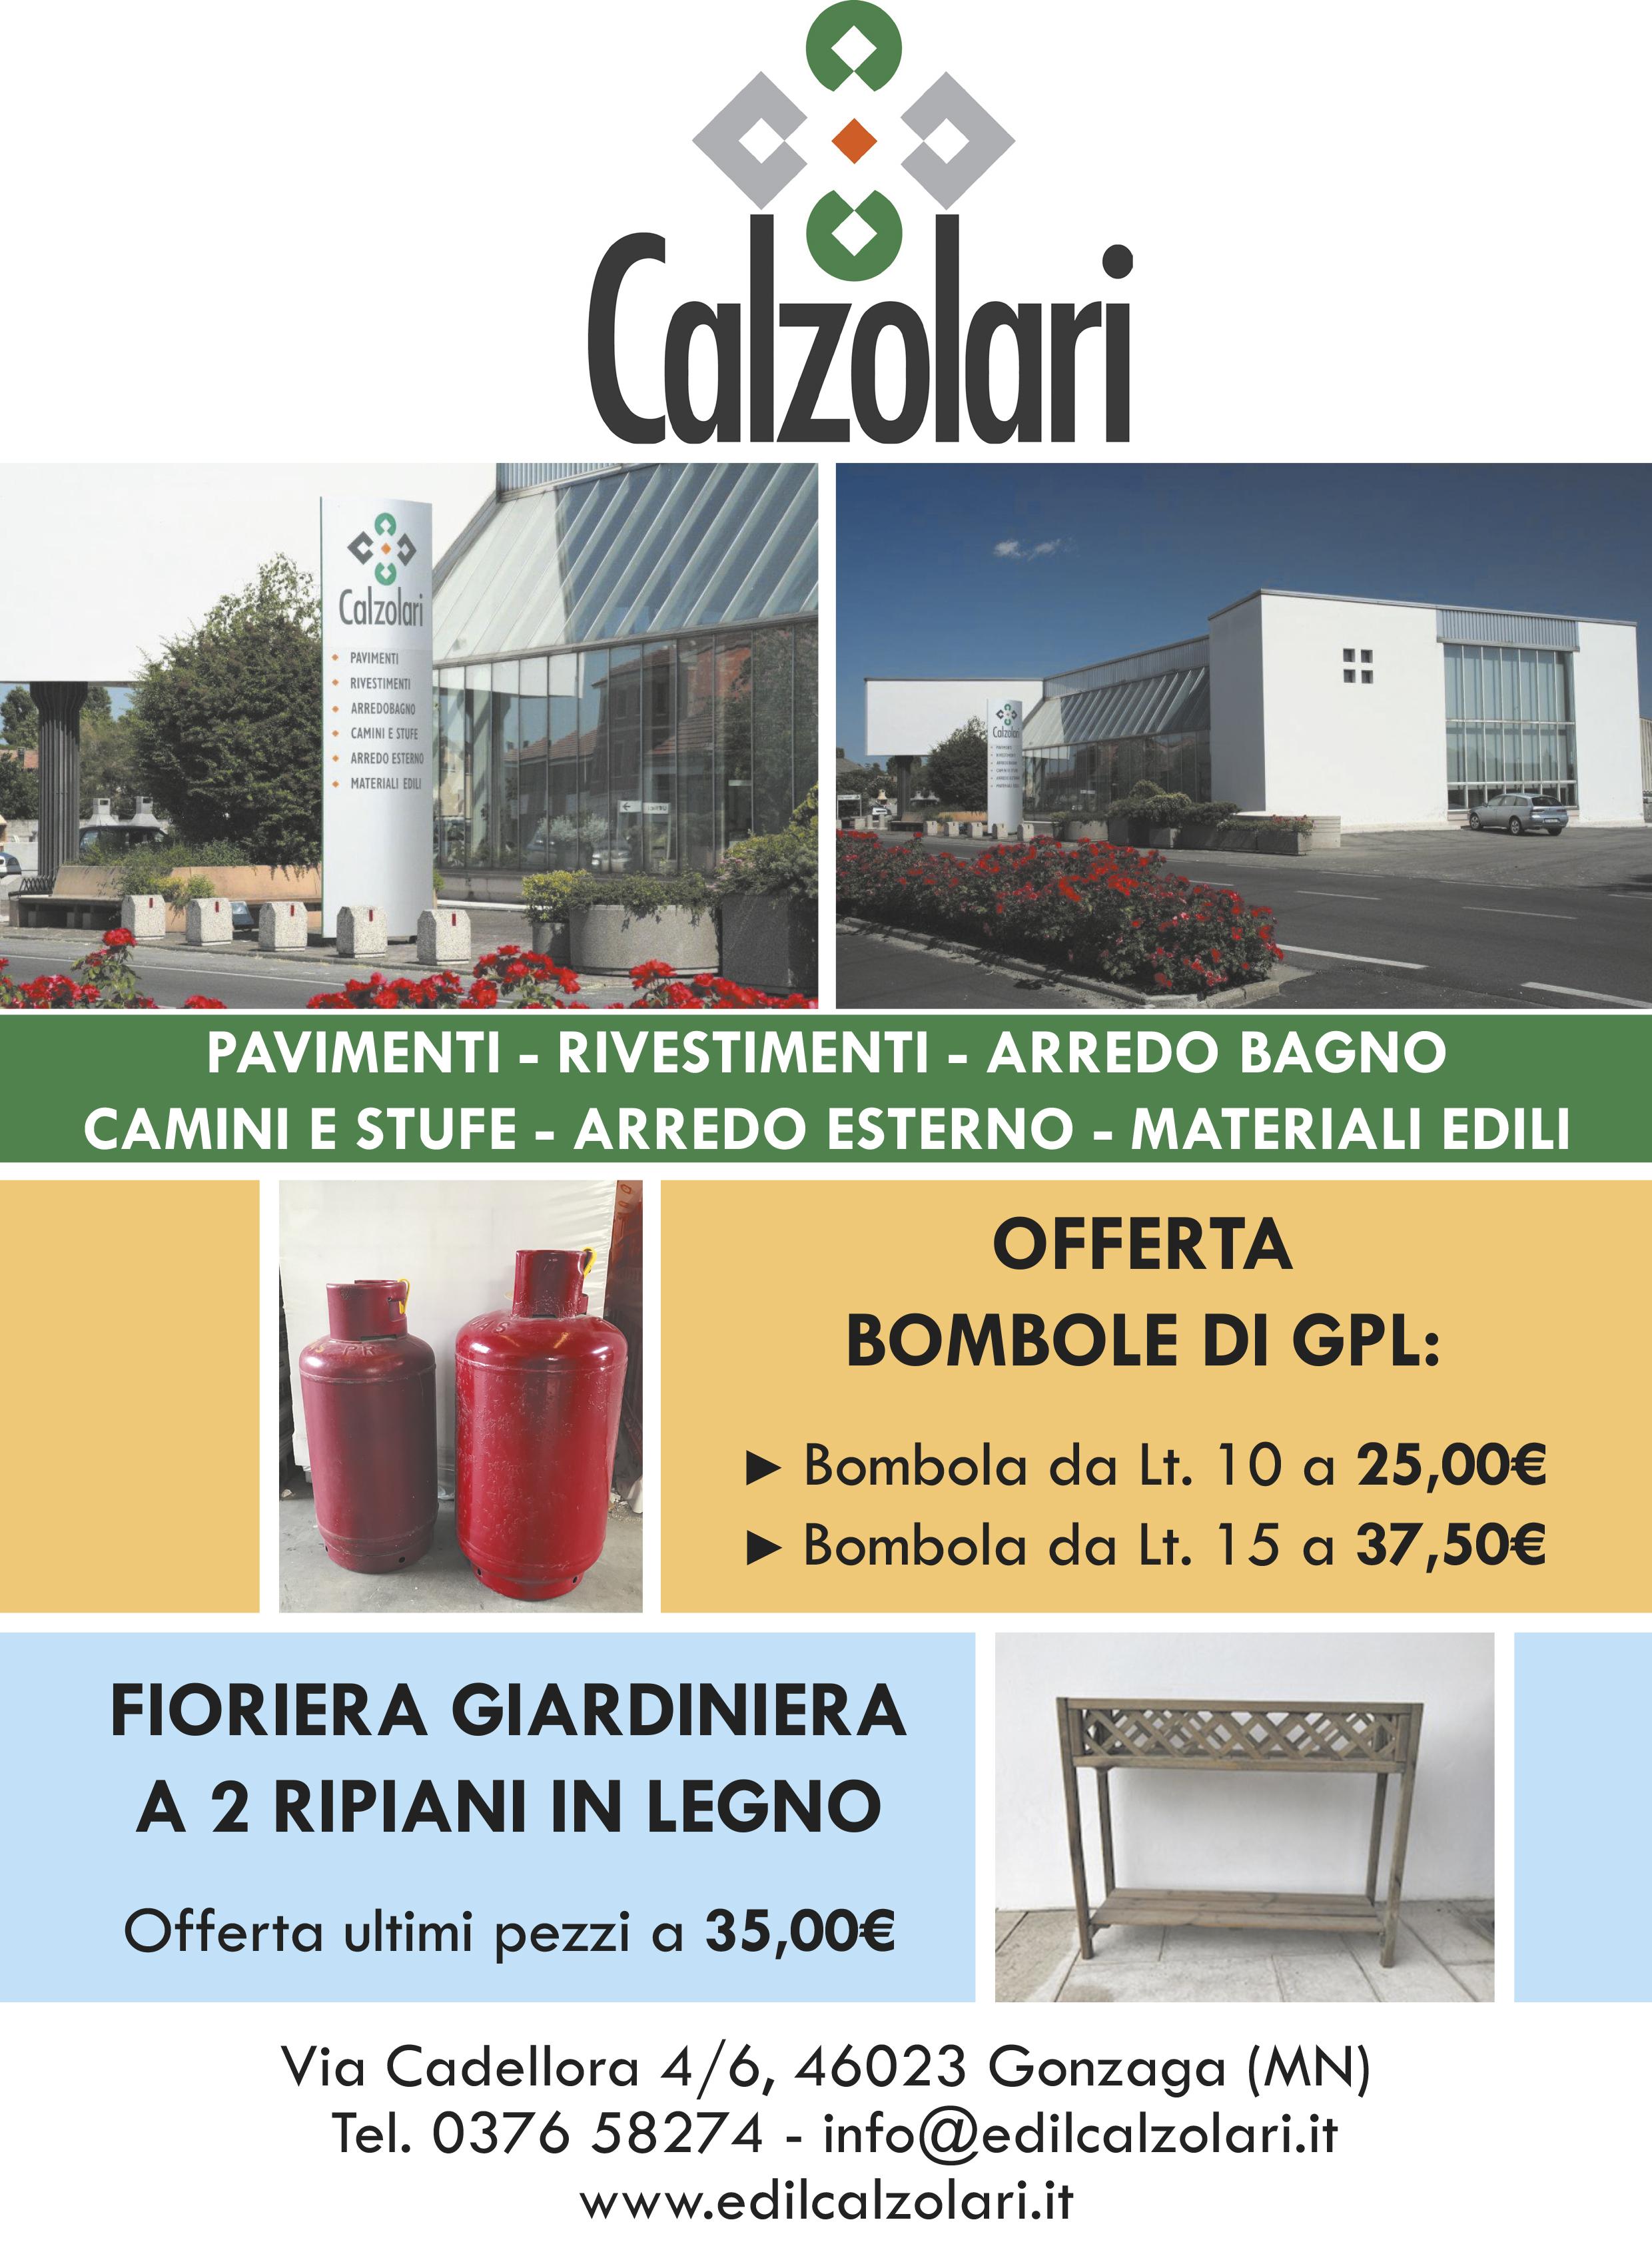 Calzolari gdb luglio 2017 edil calzolari for Calzolari arredo urbano